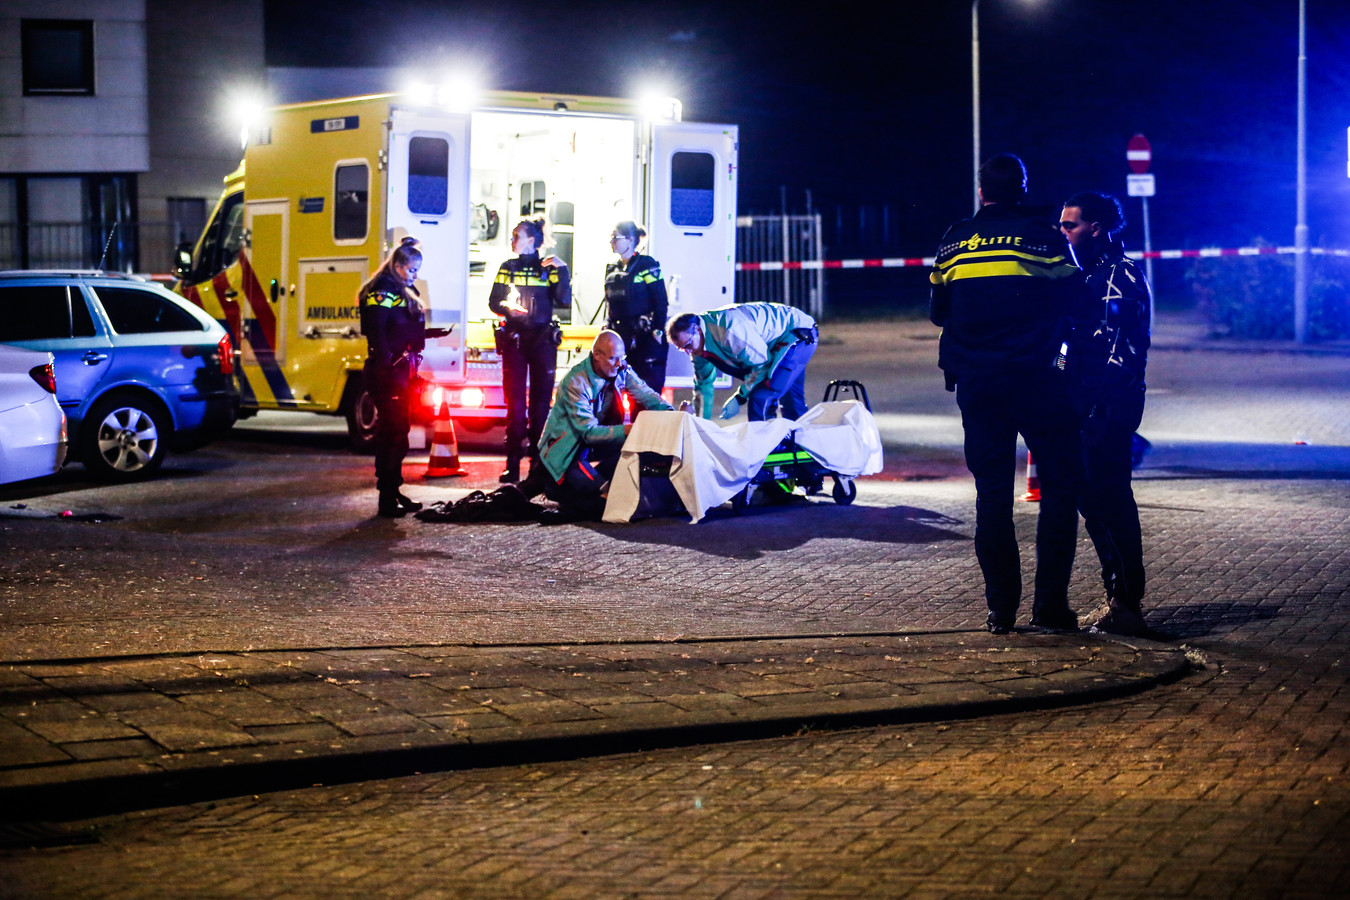 Ambulancepersoneel ontfermde zich over het beschoten slachtoffer.